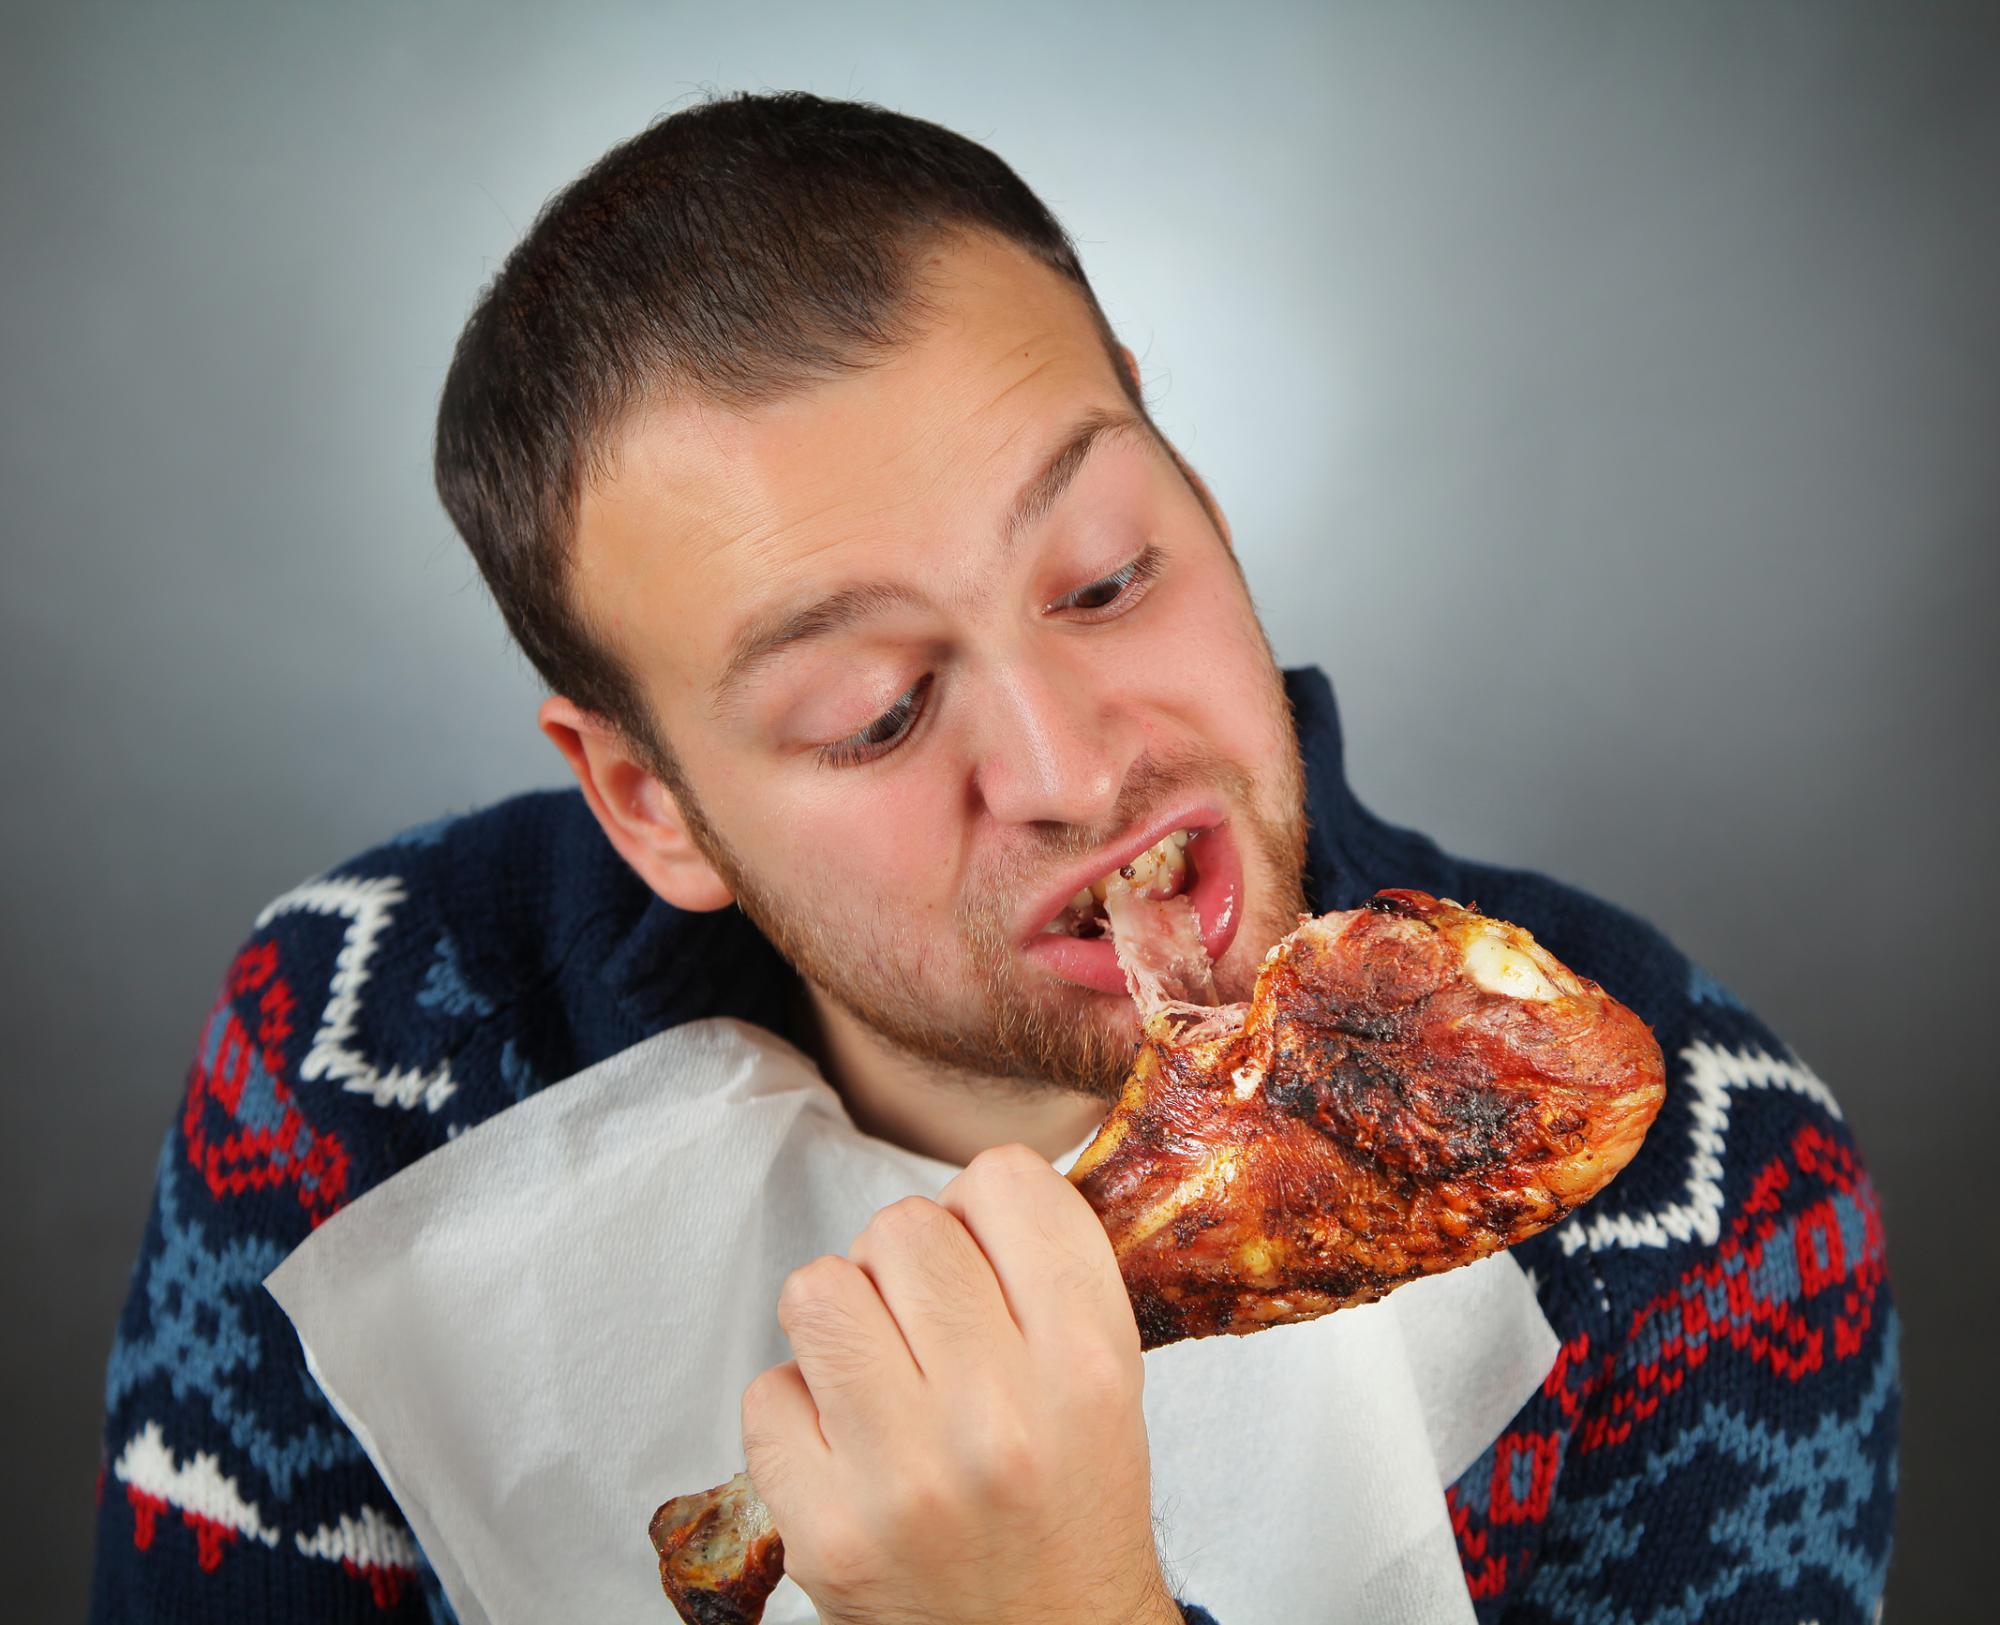 manger comme un homme et perdre du poids applications de perte de poids avec des amis